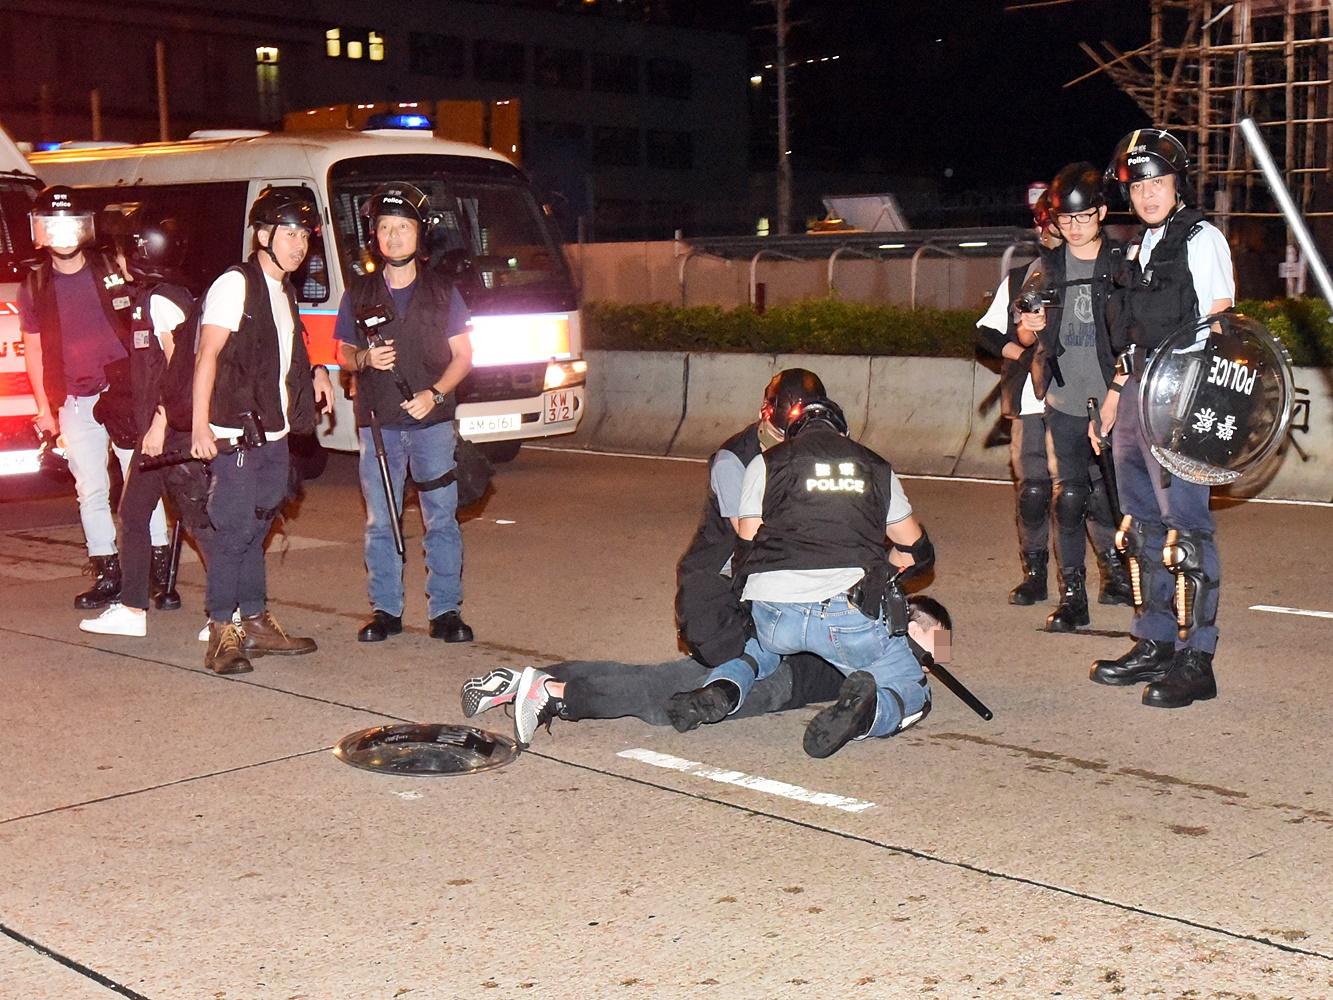 【逃犯条例】昨晚深水埗拘18人 警指有人带砖头镭射笔「食糖水」